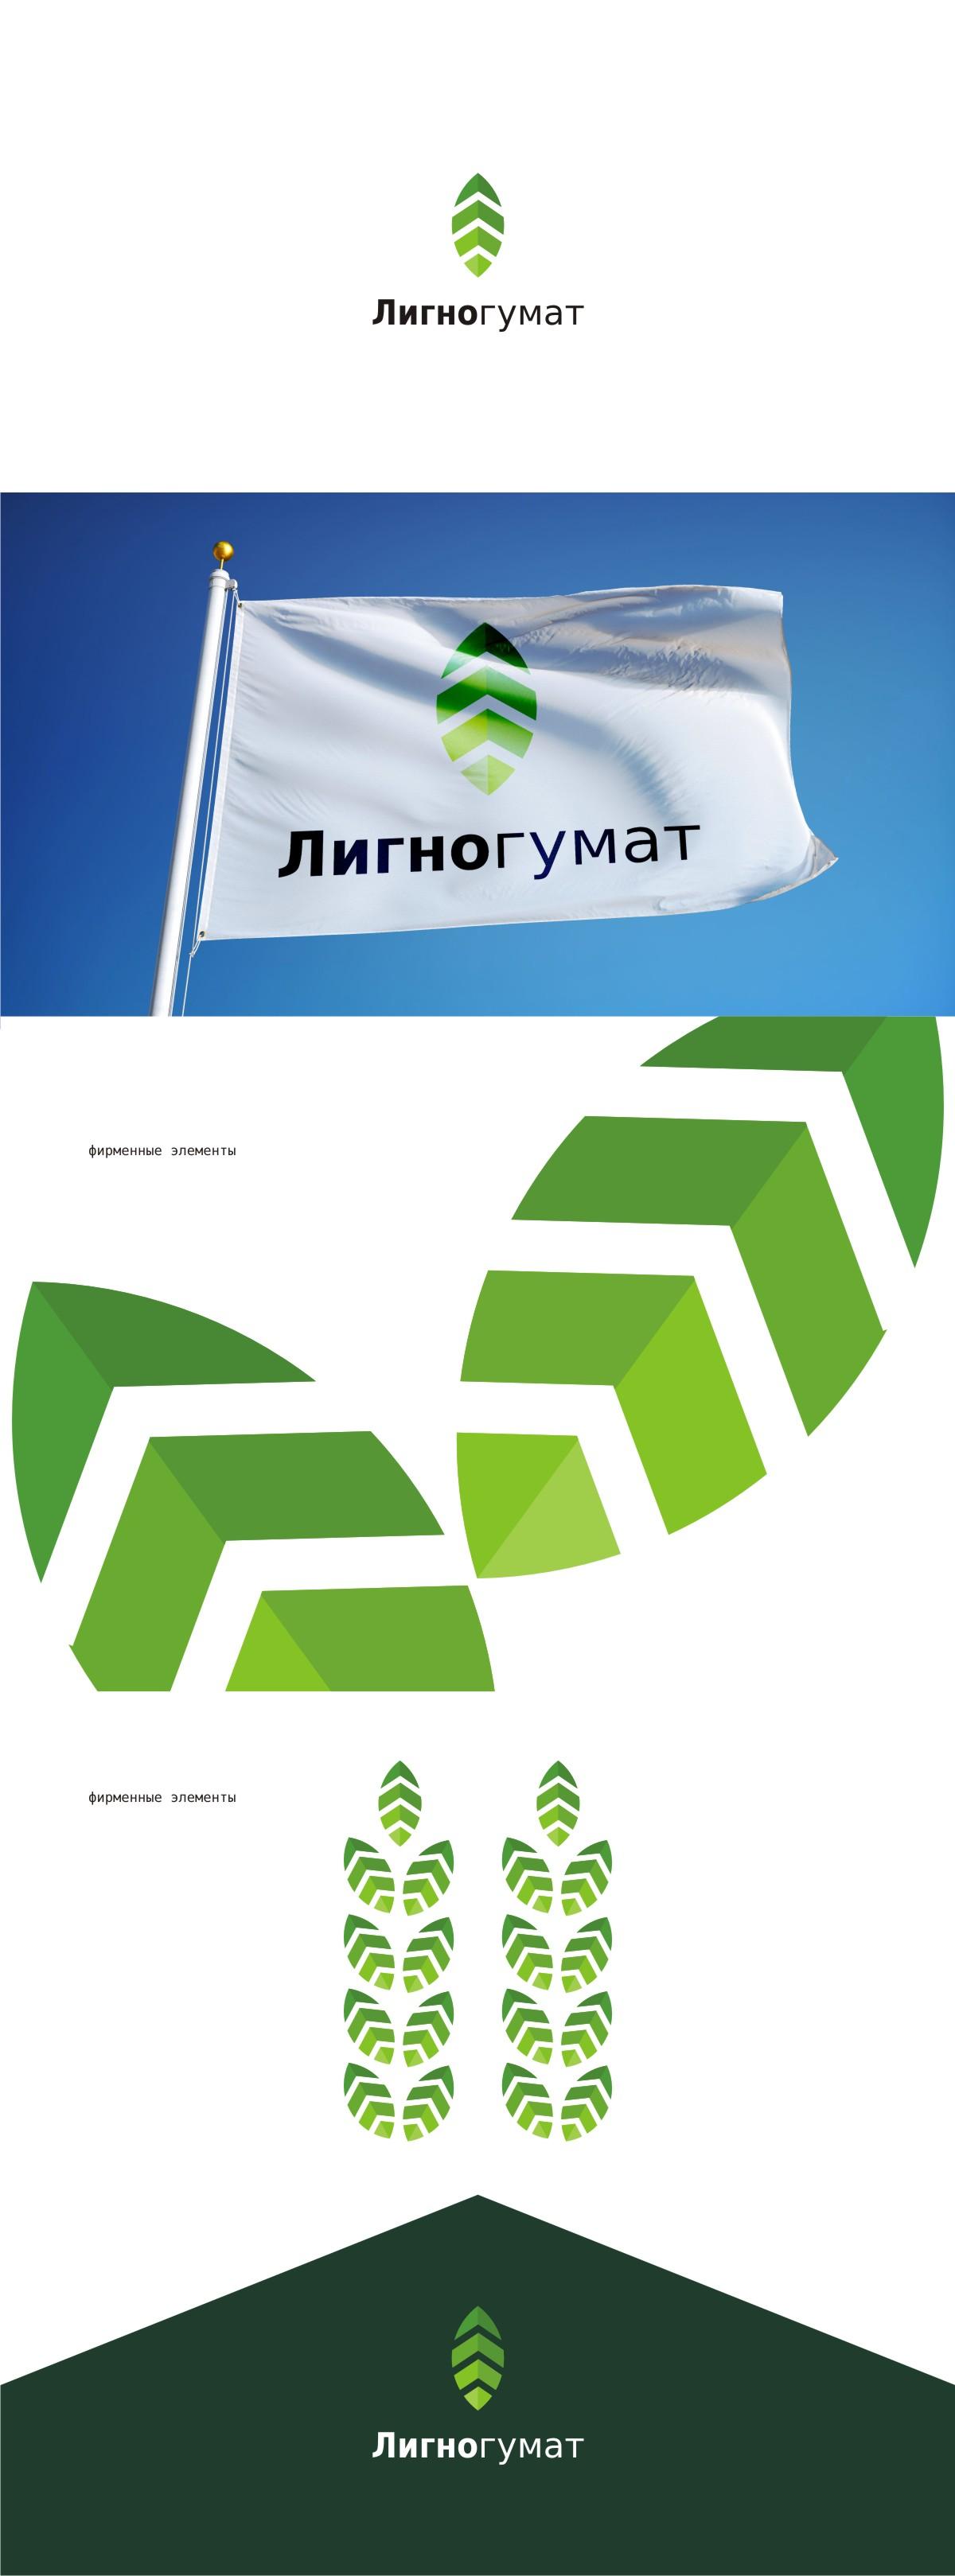 Логотип и фирменный стиль фото f_771595799ff99e9c.jpg